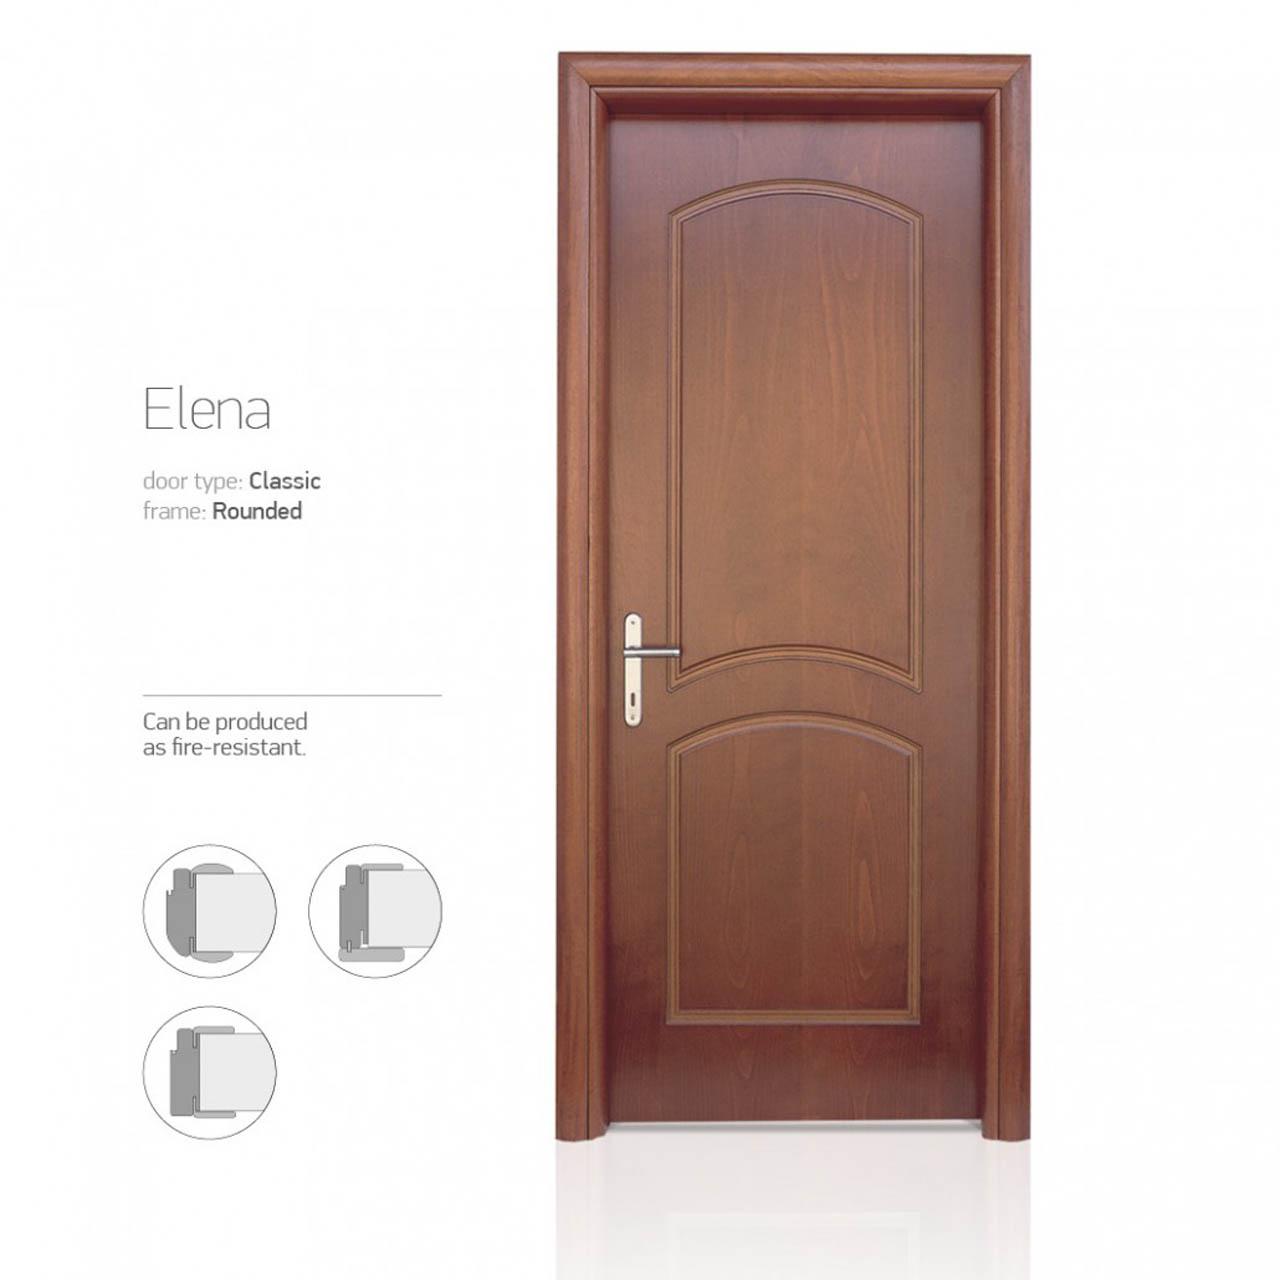 portes-site-classic-eng17-1030x1030